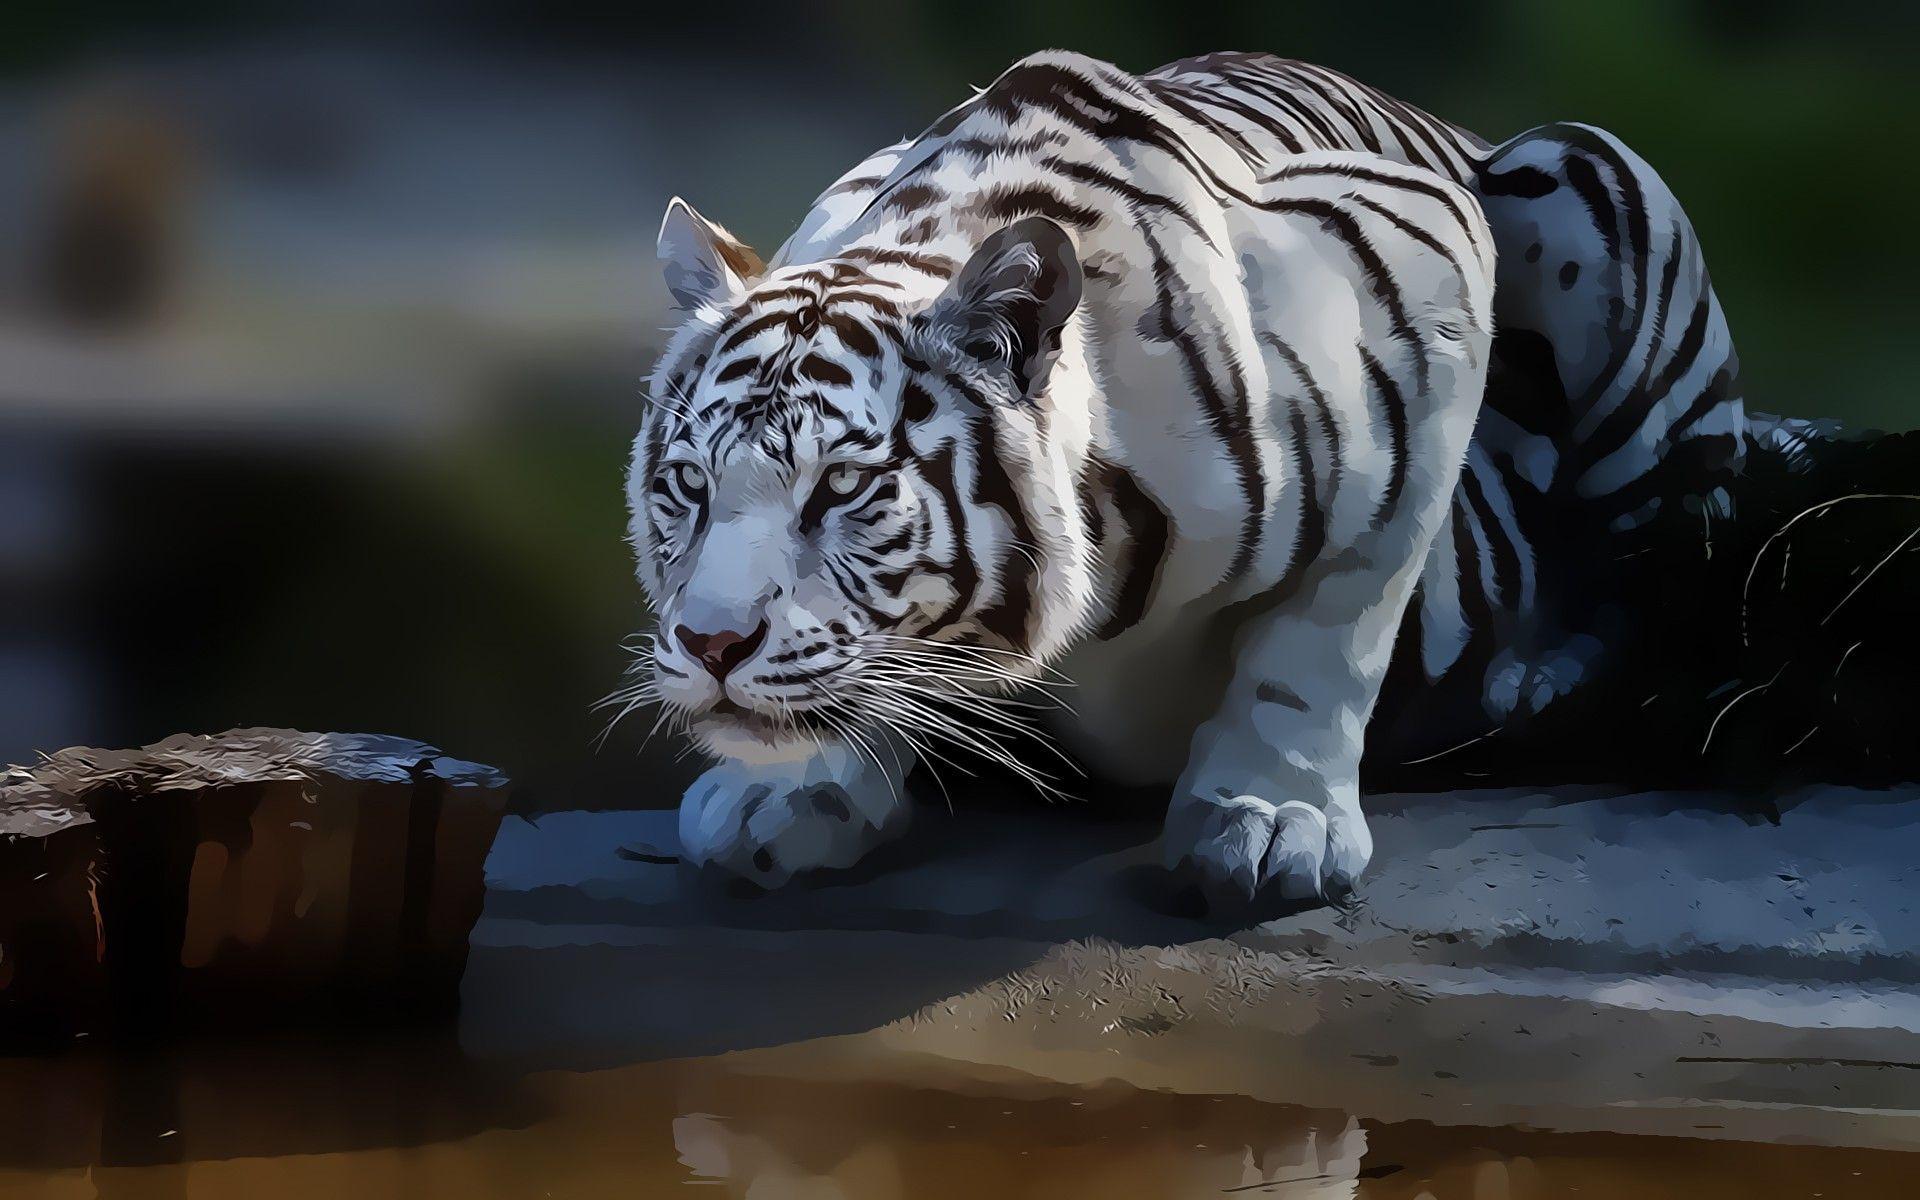 Wallpapers Hd Widescreen 3d Tigers Wallpaper Cave